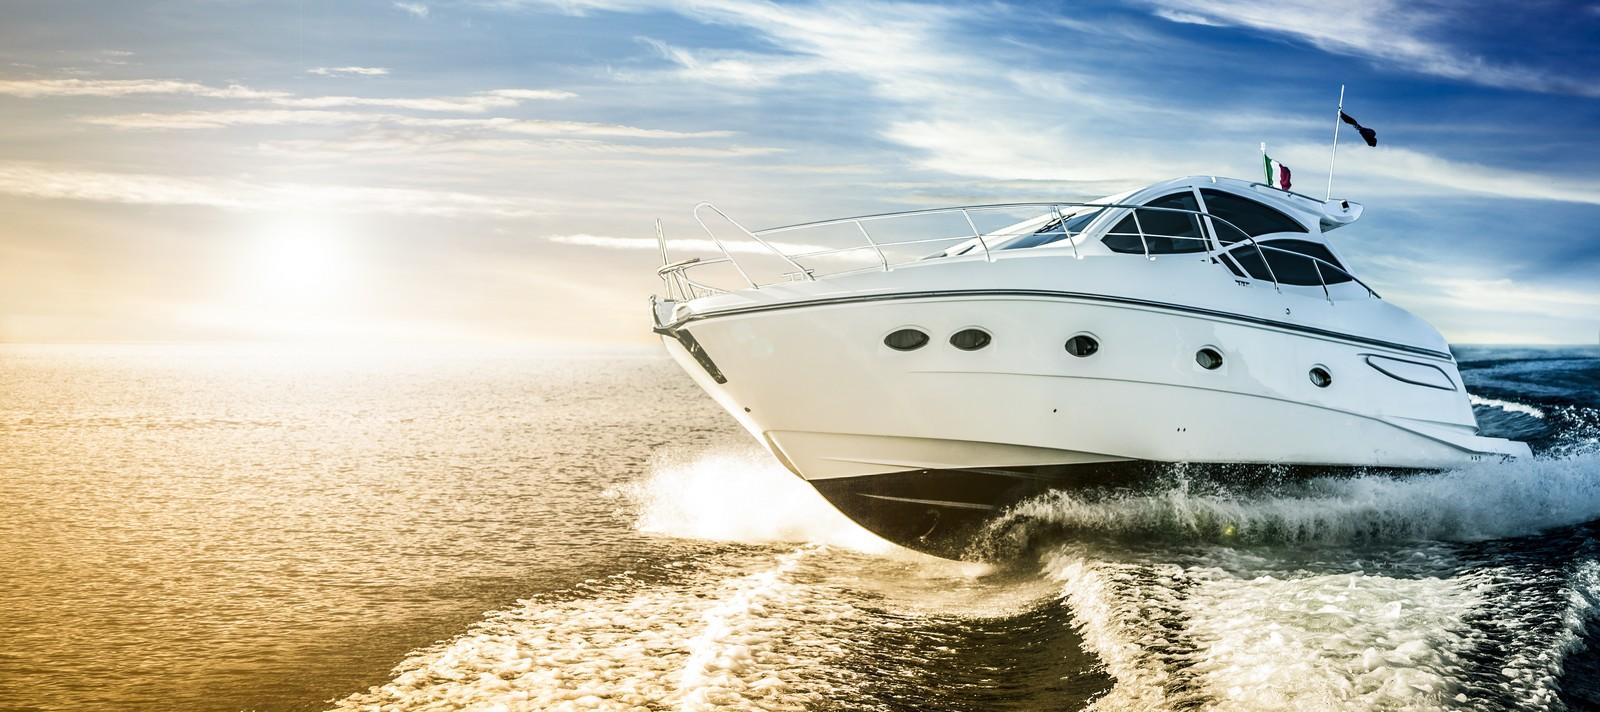 Wassersport-Schmierstoffe im Einsatz von Booten